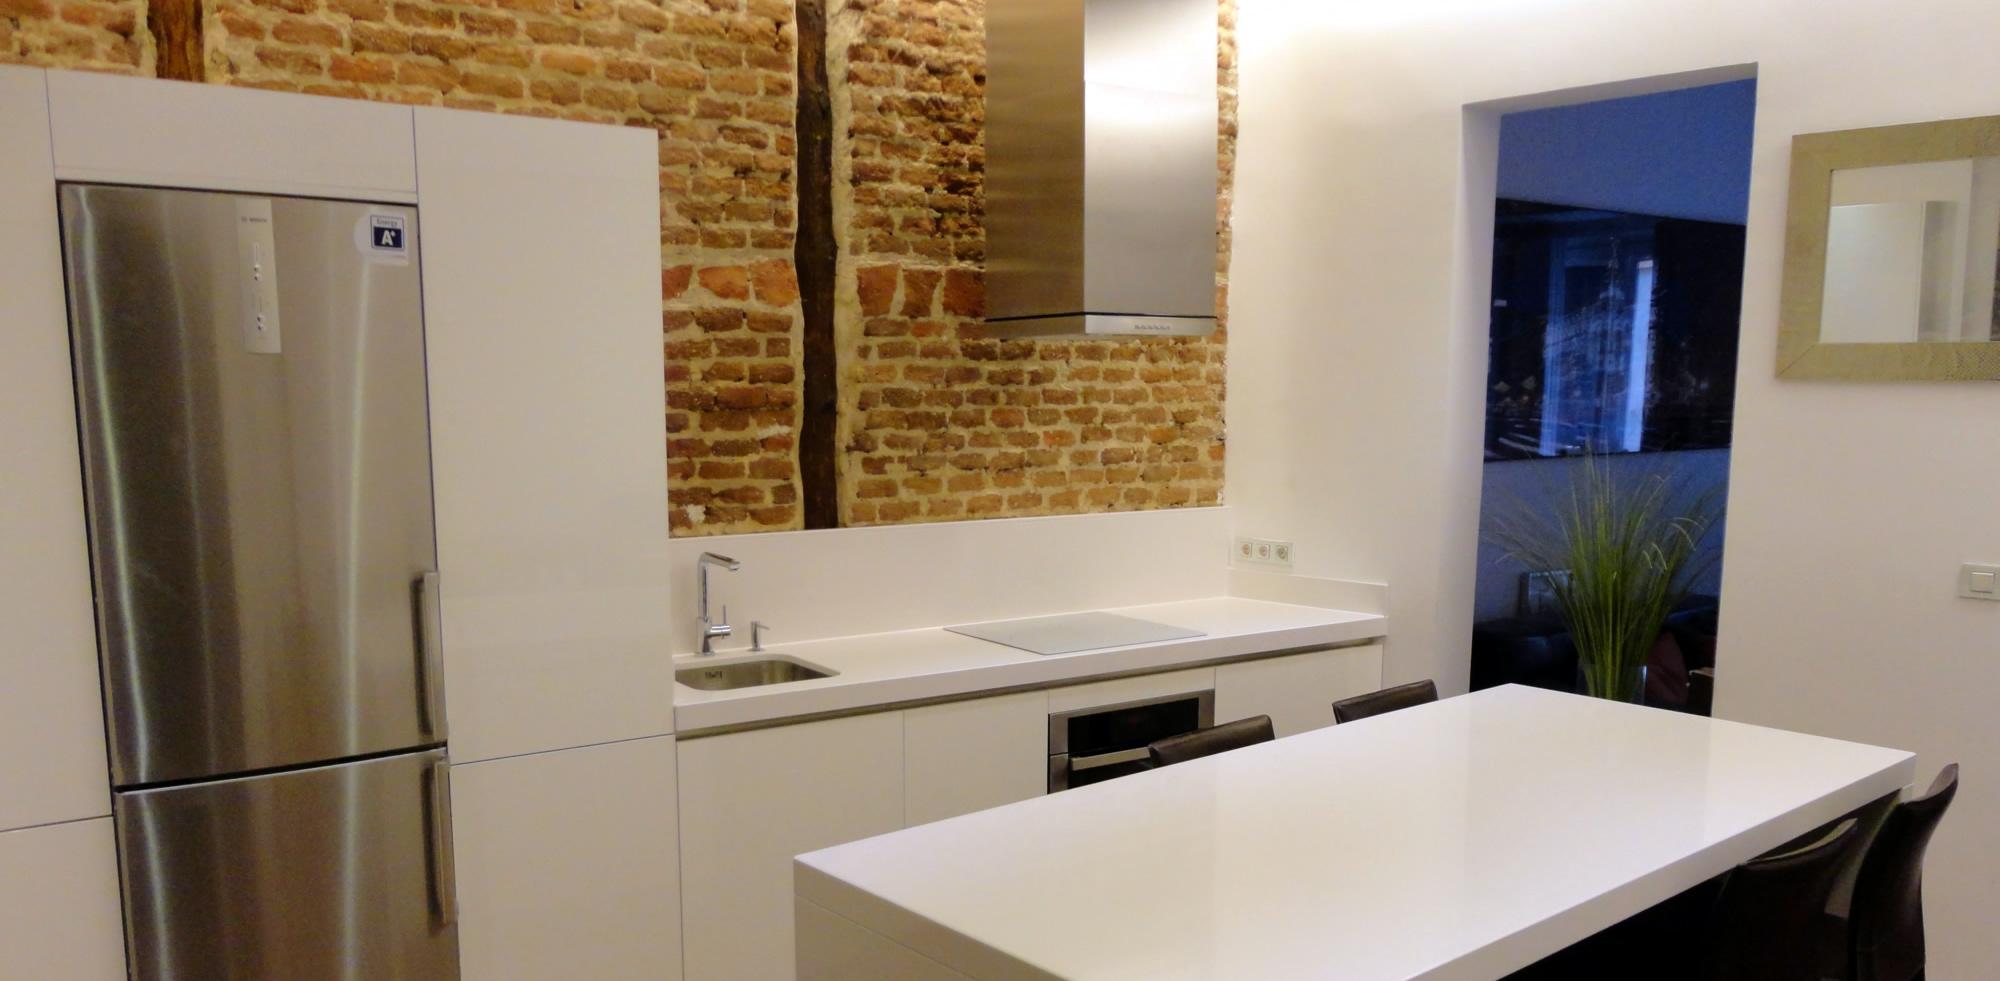 Muebles de cocina de dise o en blanco brillante - Muebles de cocina blanco ...